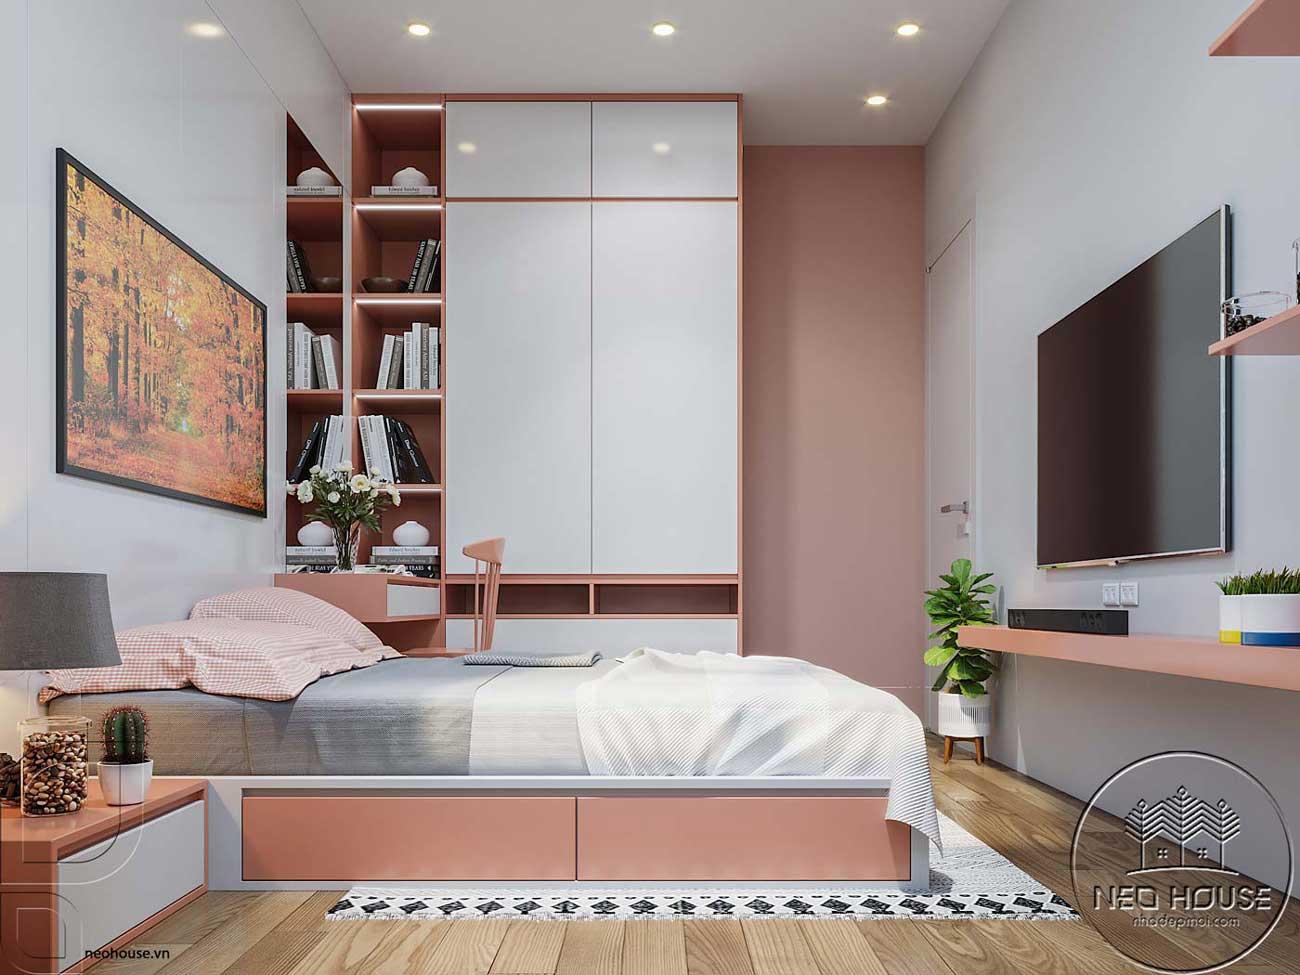 Thiết kế nội thất biệt thự đẹp 3 tầng. Ảnh 10